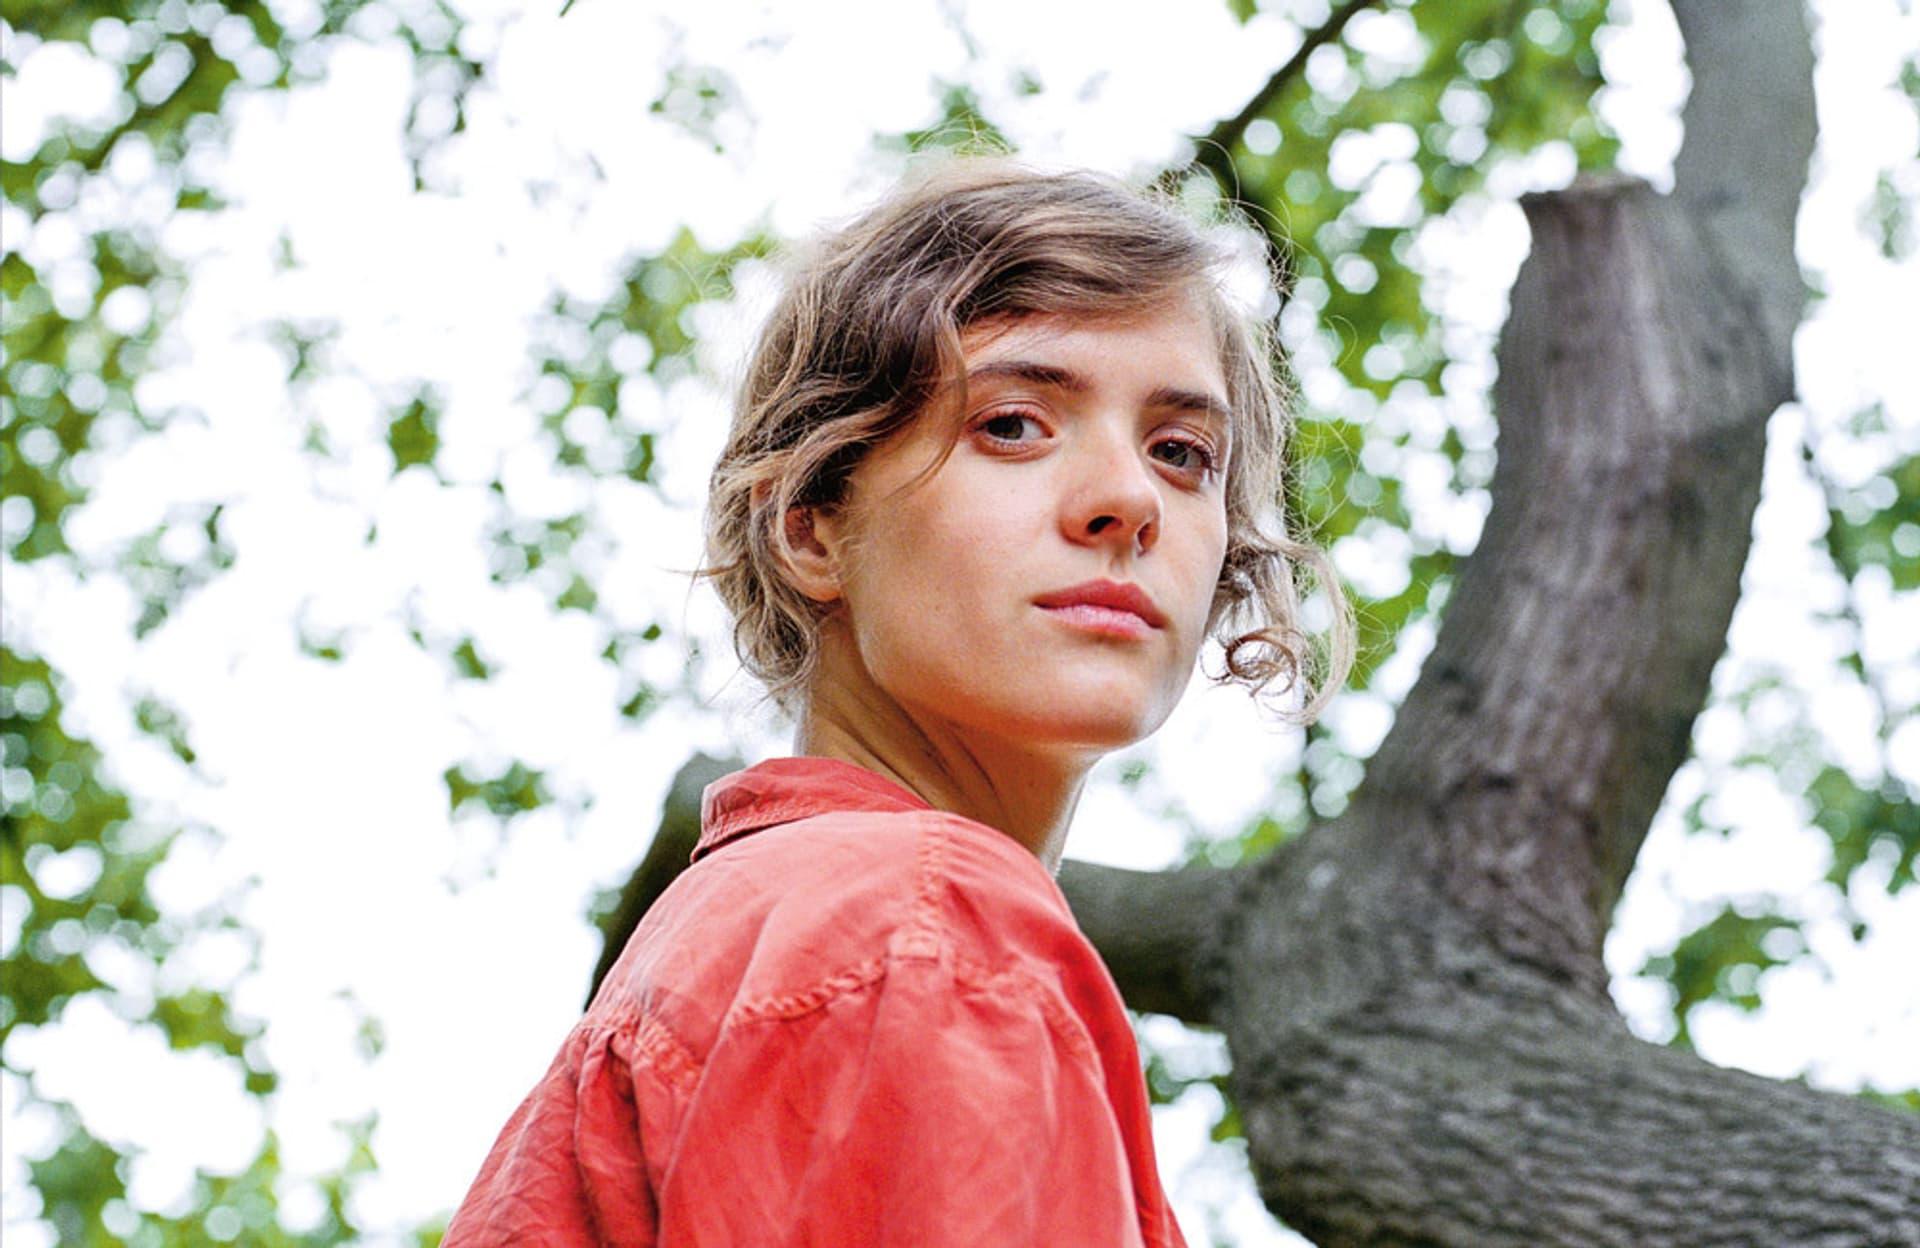 Schauspielerin Liv Lisa Fries in roter Bluse schaut aus dem Foto den Betrachter an - im Hintergrund: Baum und Himmel